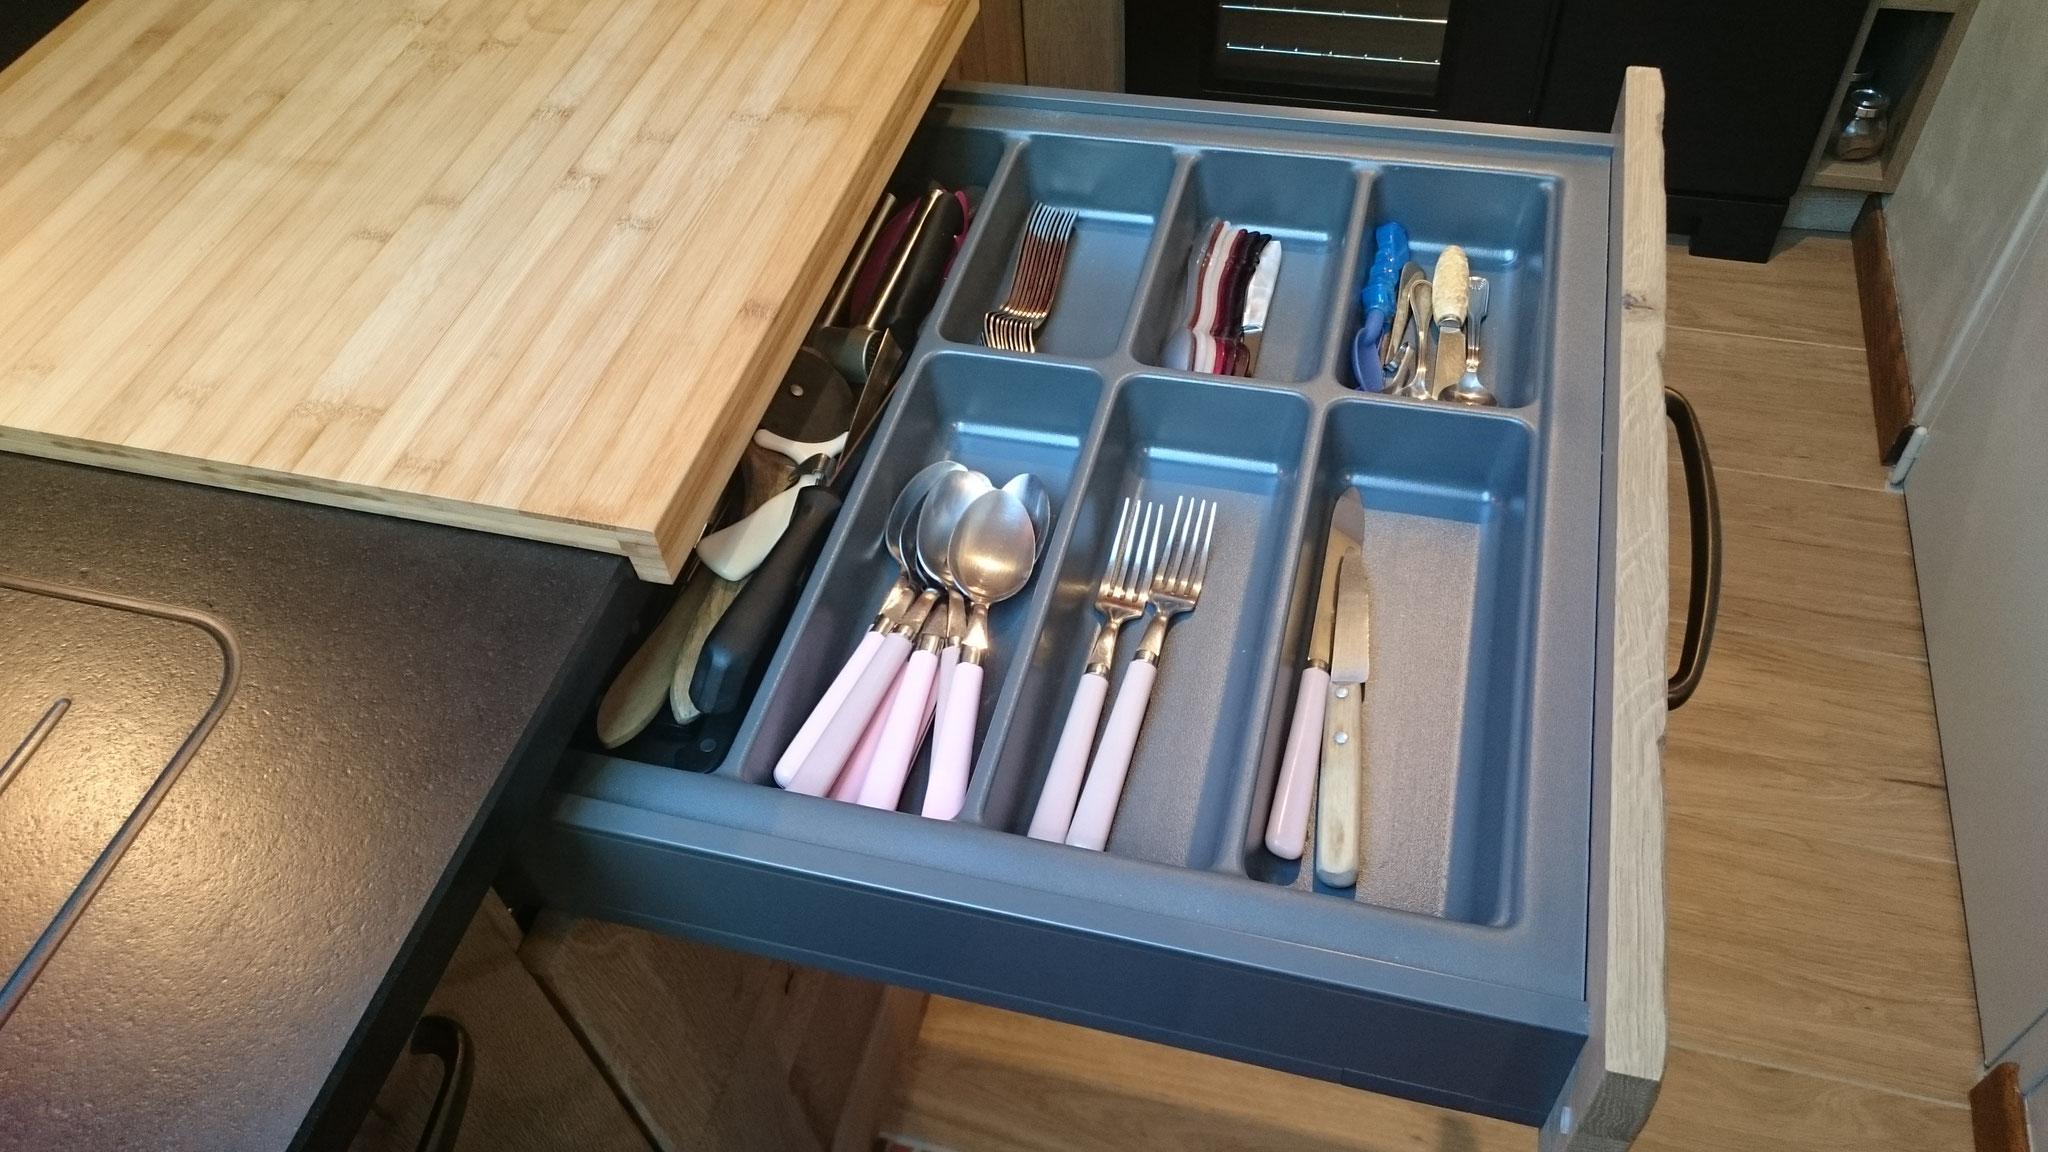 Aménagement d'un range-couvert adapté au tiroir